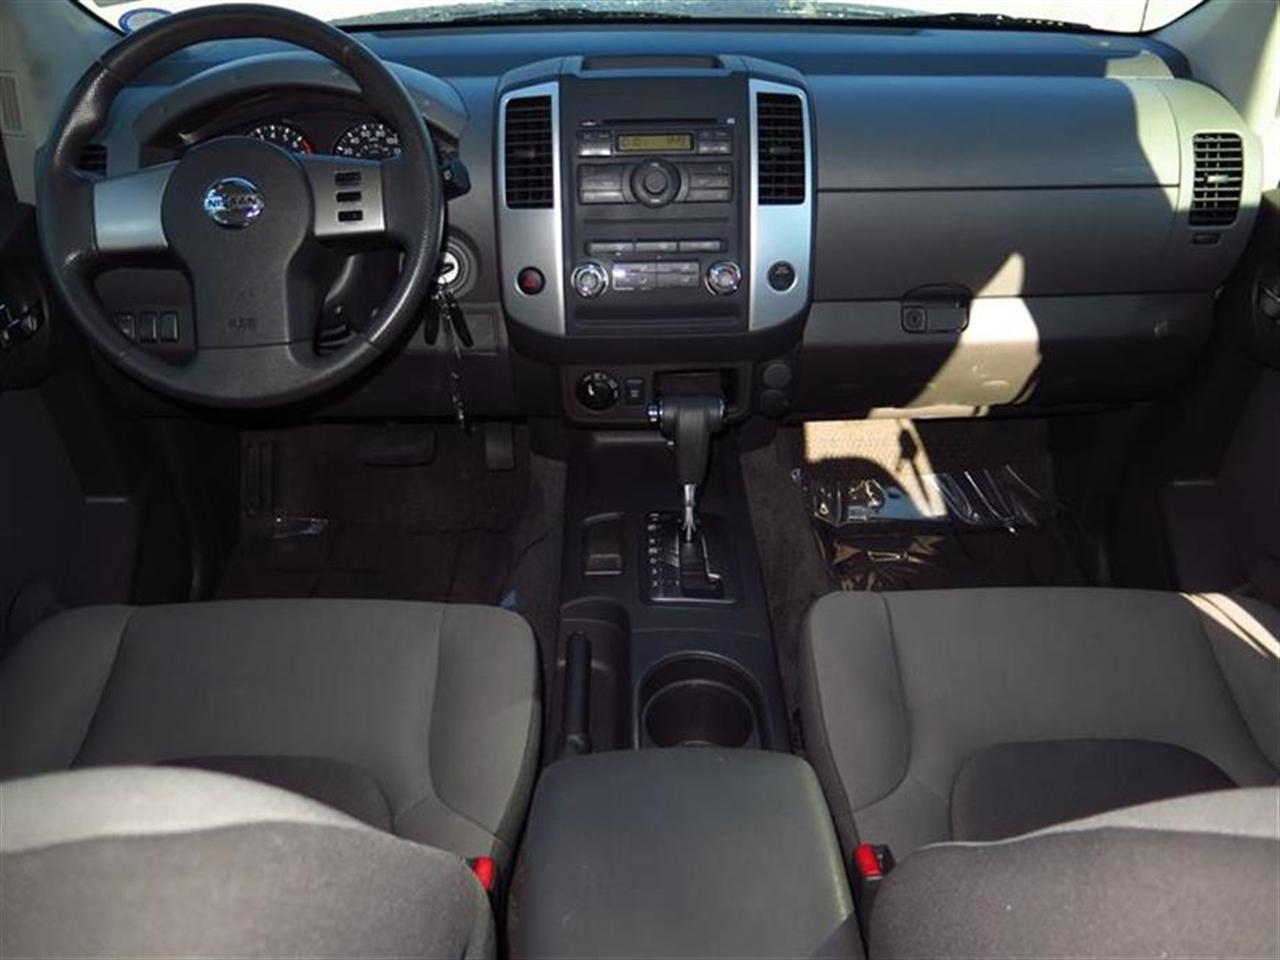 2010 NISSAN XTERRA 4WD 4dr Auto S 145941 miles 3 12-volt pwr outlets 6040 split-fold down 2n